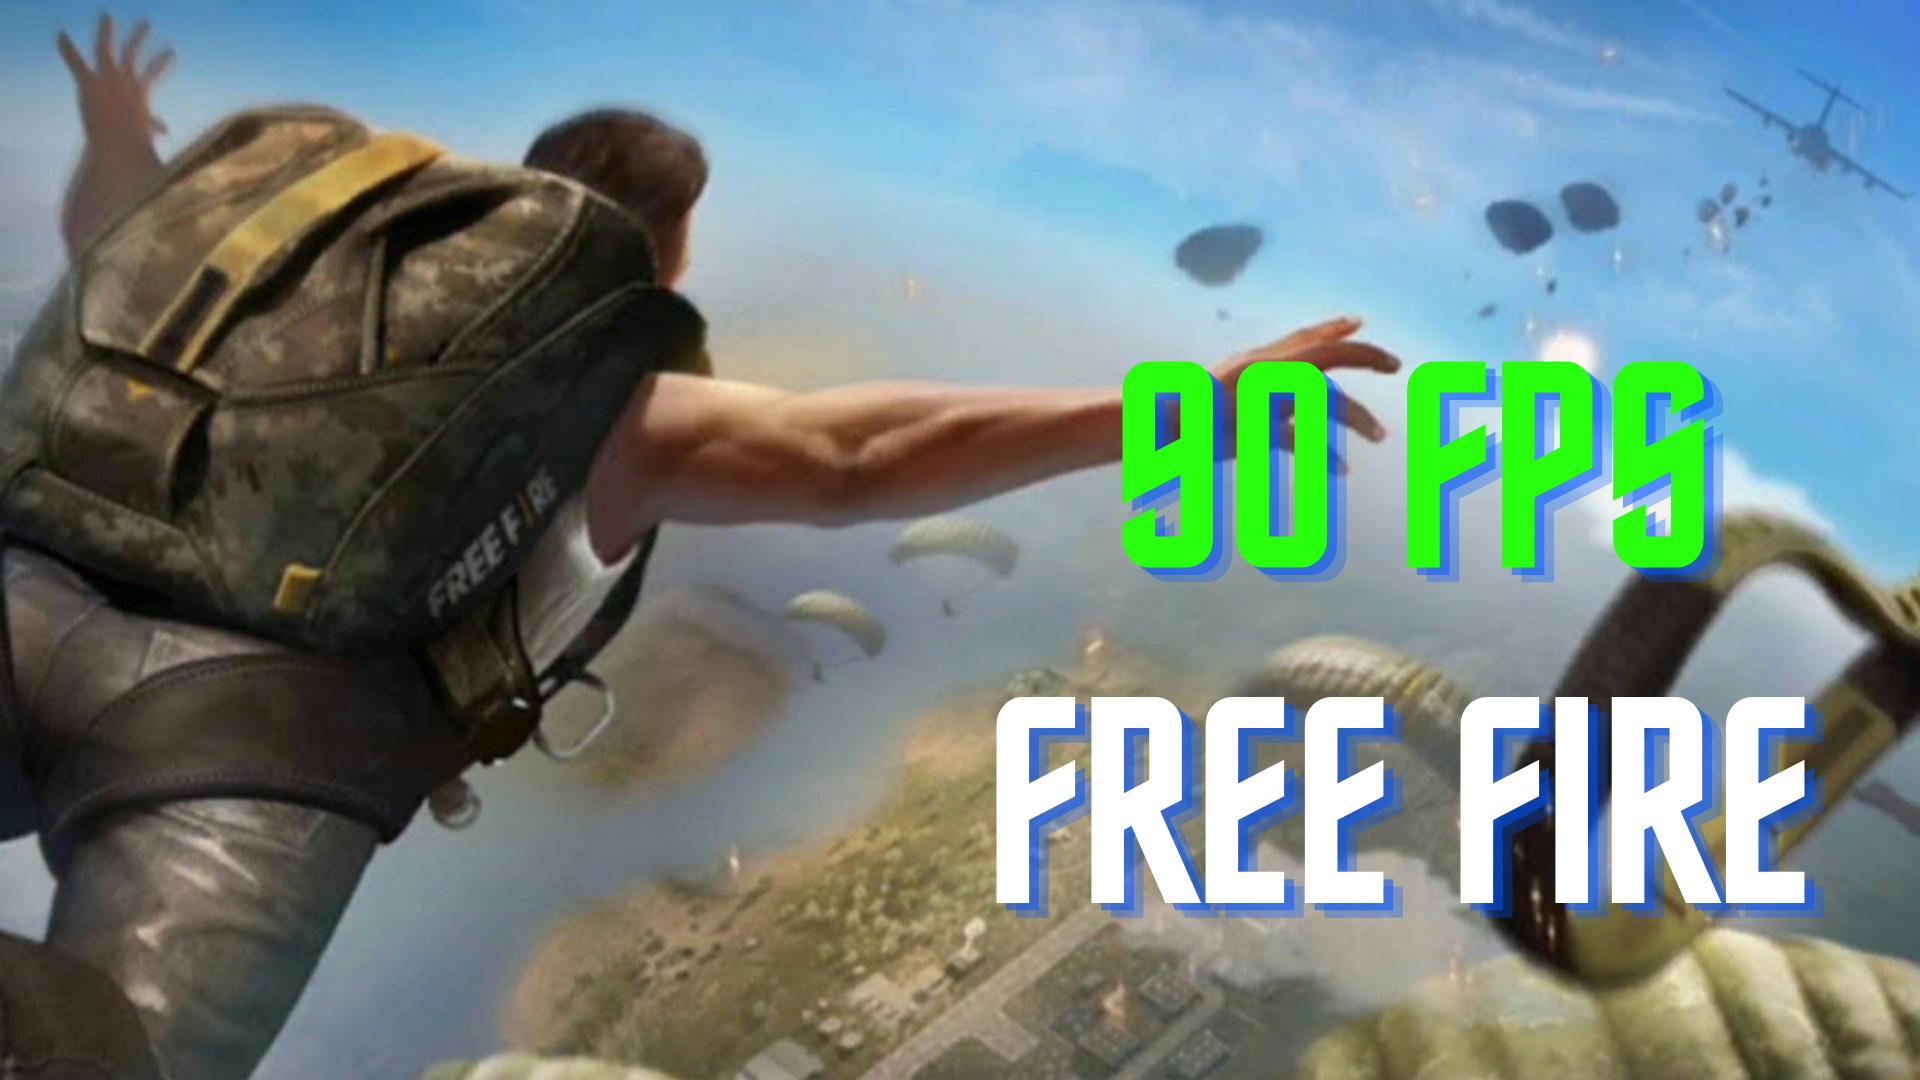 Как сделать 90 ФПС в Free Fire/Фри Фаер ...